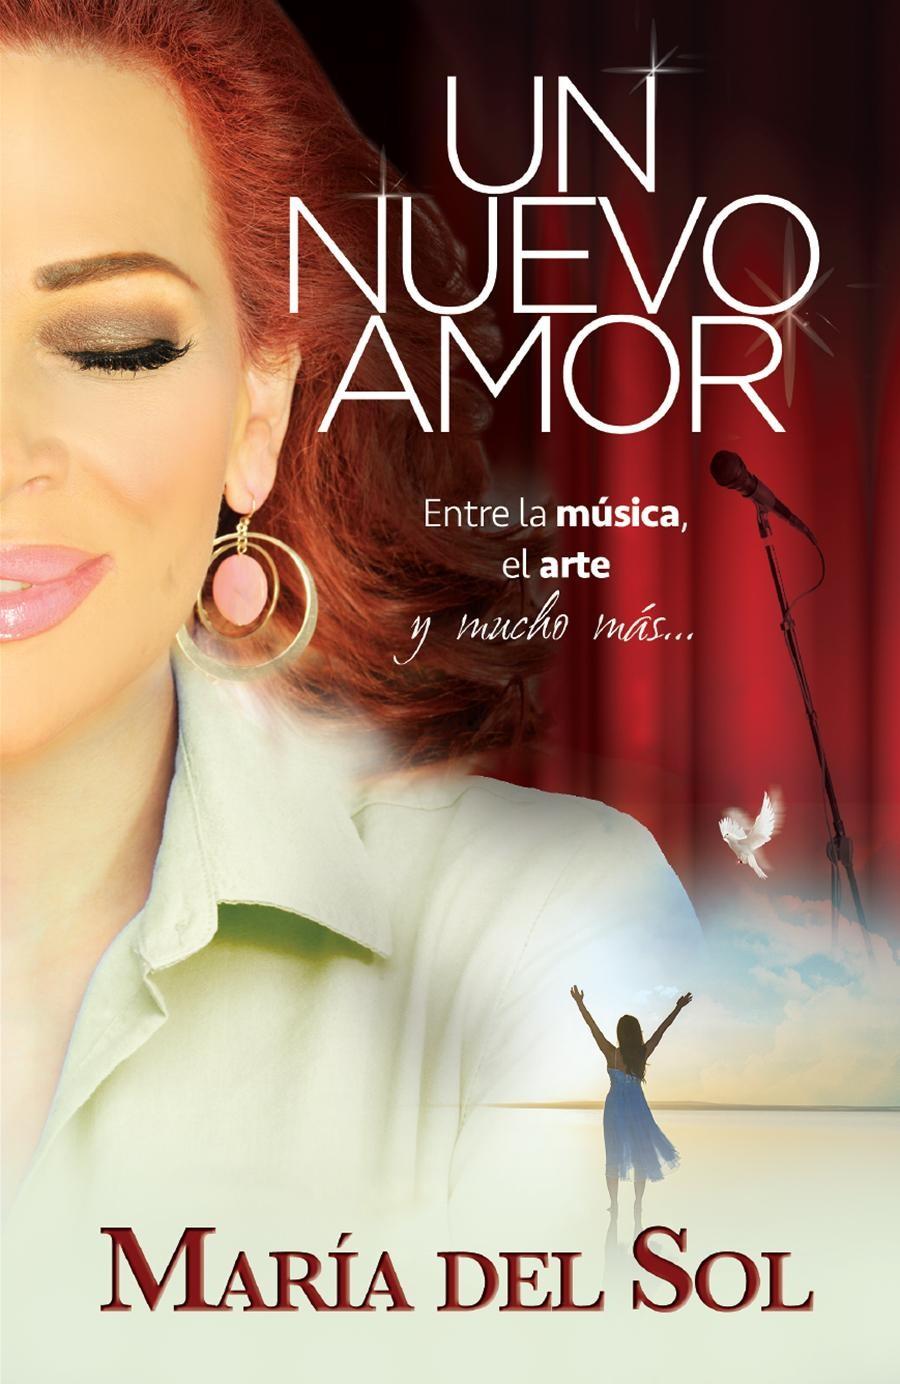 Un nuevo amor - 9780789921000 - Del Sol, María